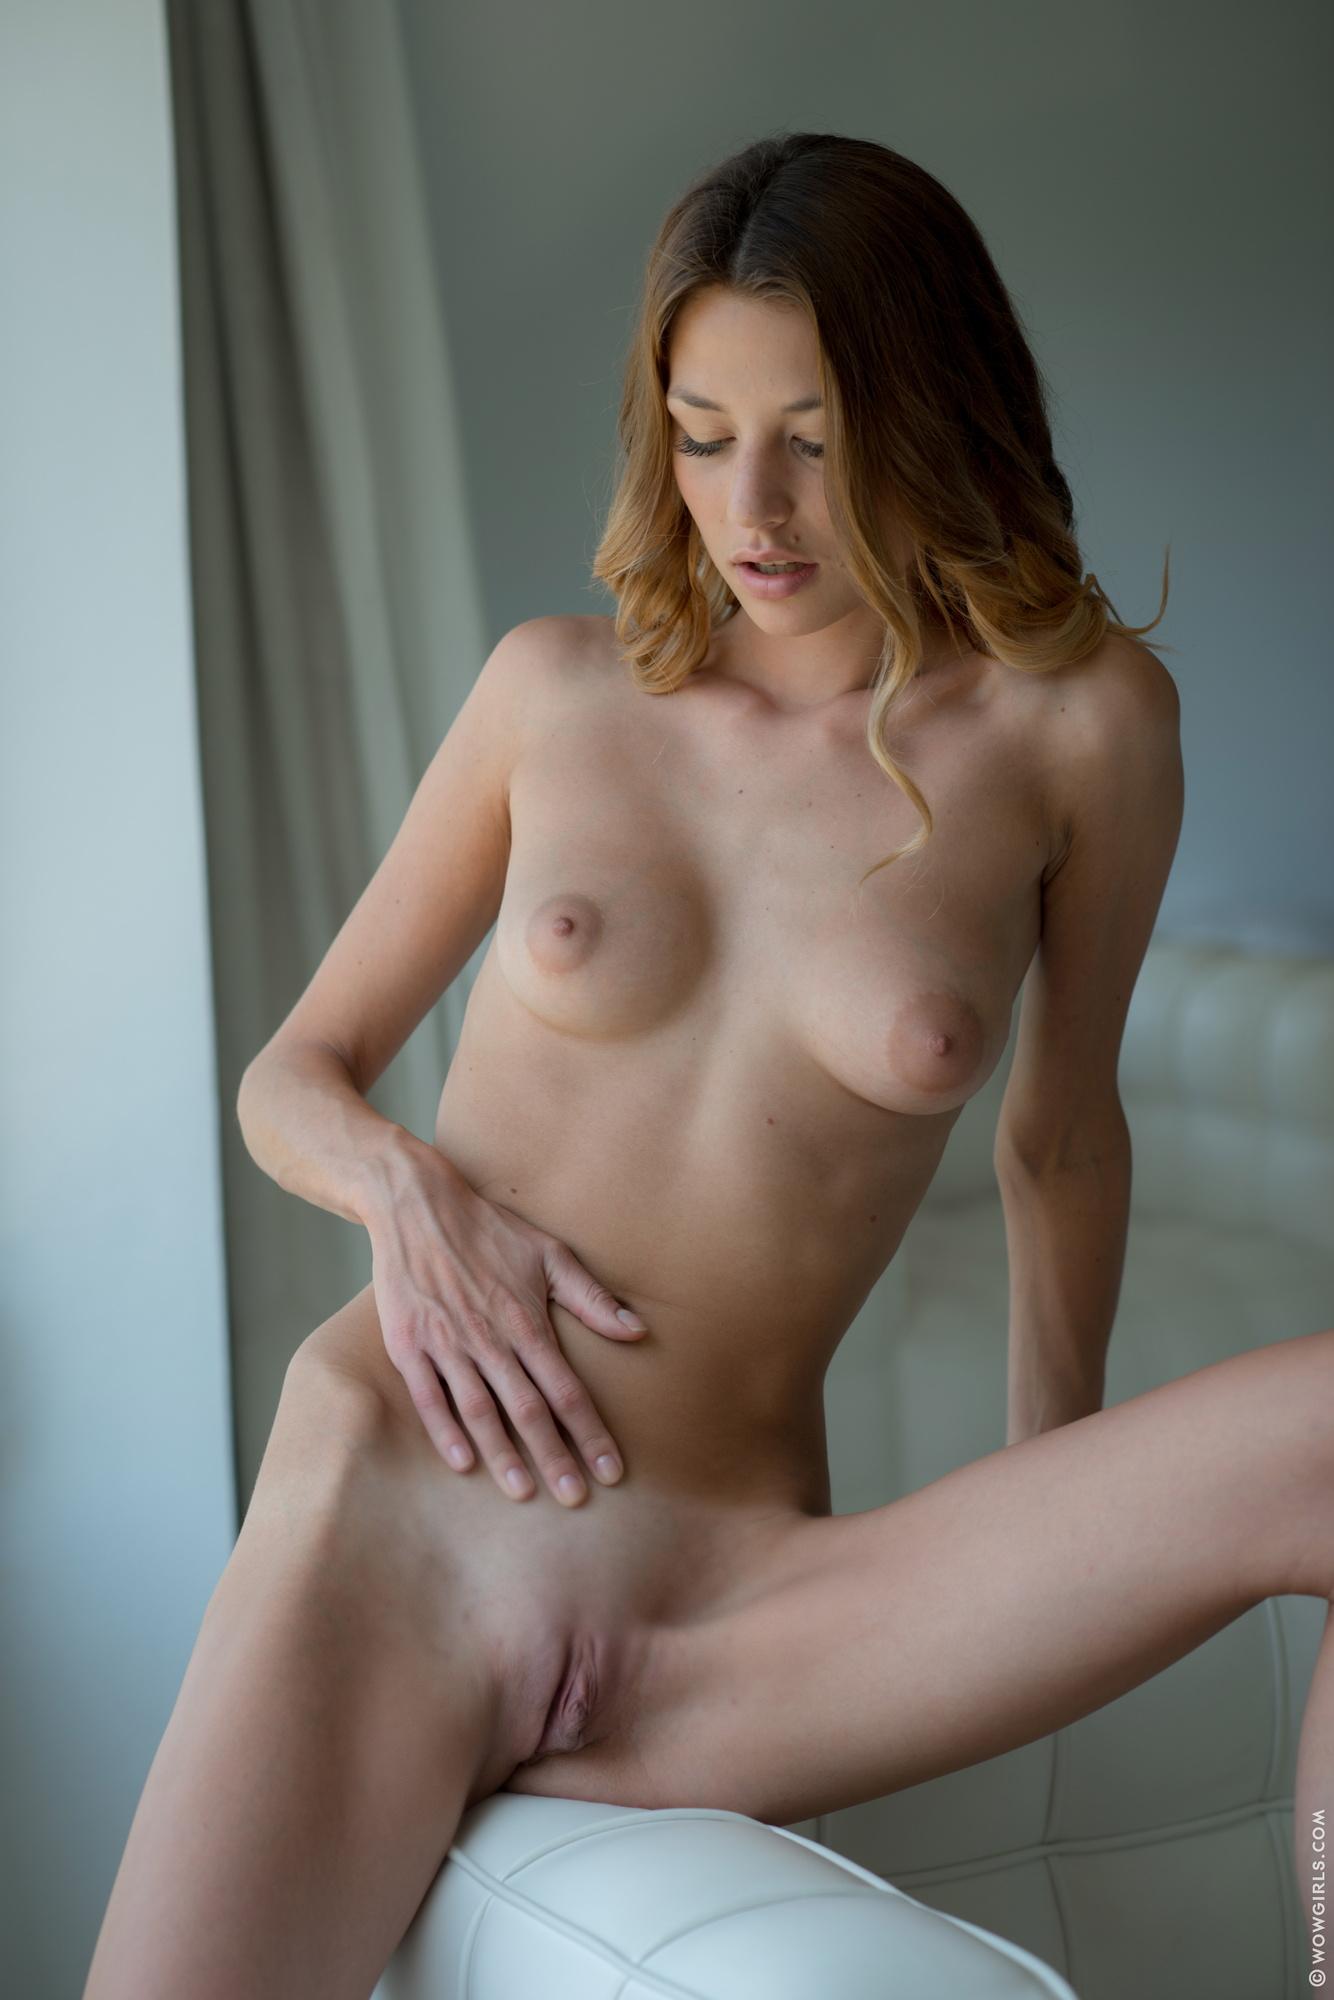 porno-smotret-video-devushki-konchayut